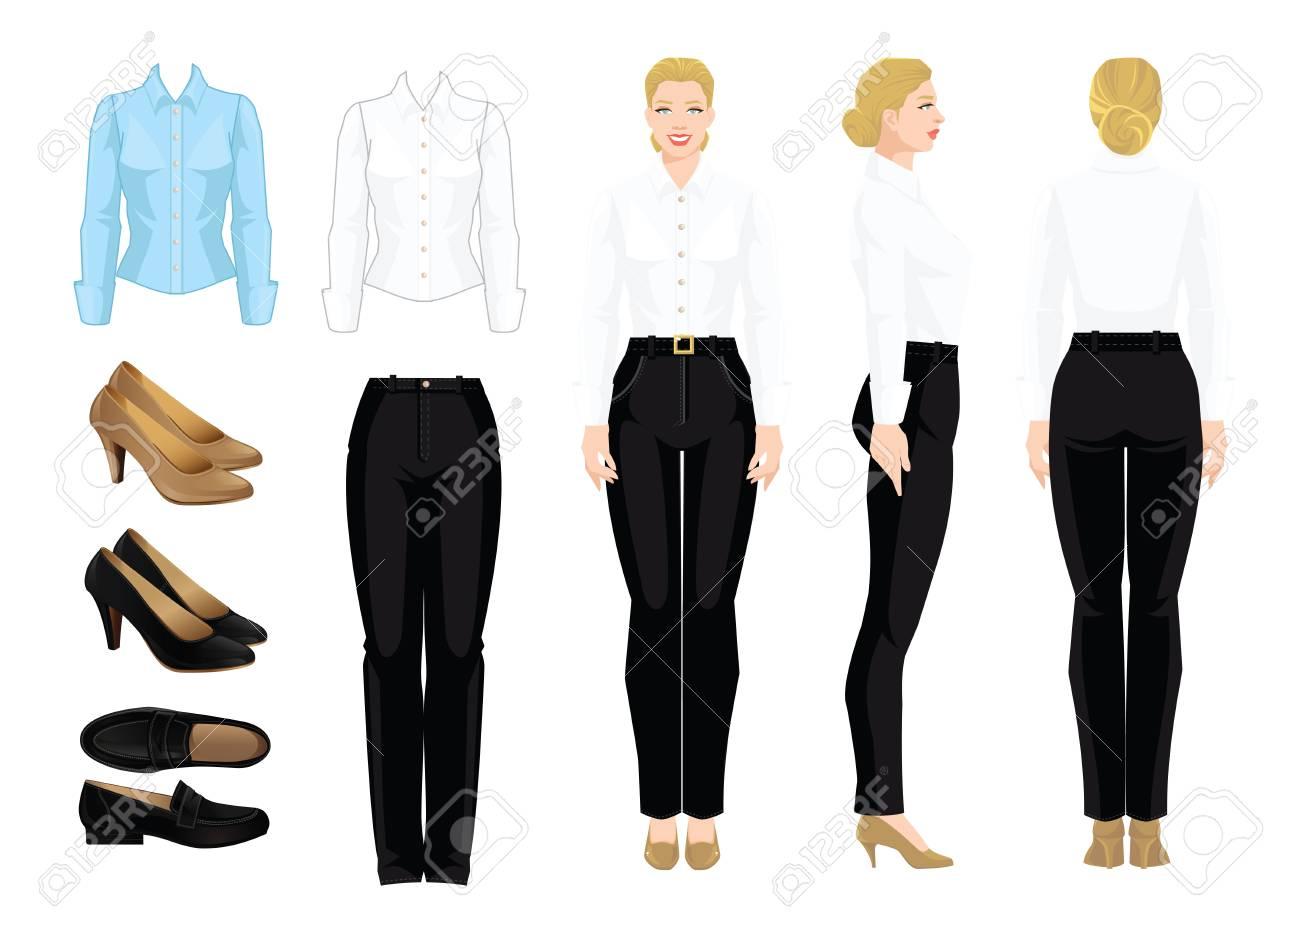 91d8e7771 Ilustración de vector de código de vestimenta corporativo. Mujer de  negocios o profesor en ropa formal. Vista frontal, lateral y vista  posterior. ...